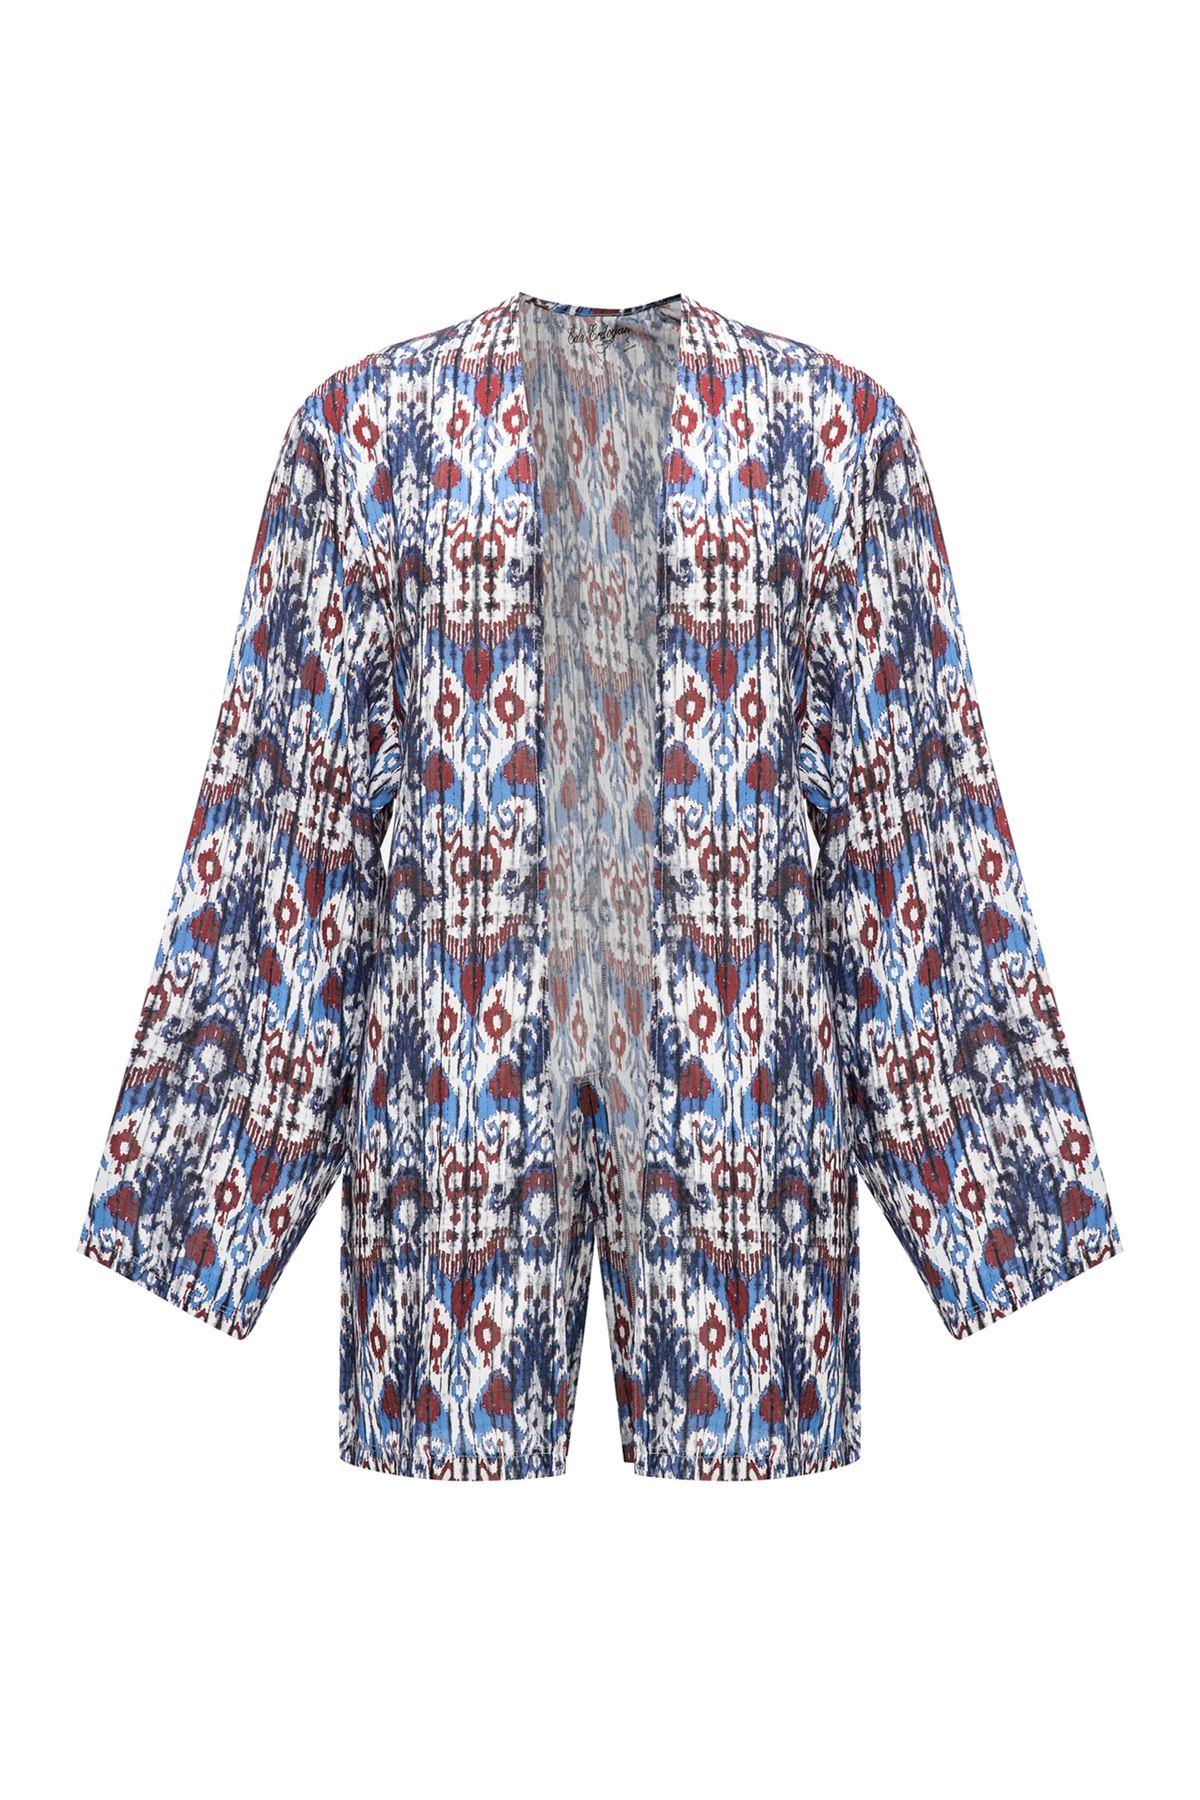 Mavi Etnik Desen Kısa Kimono